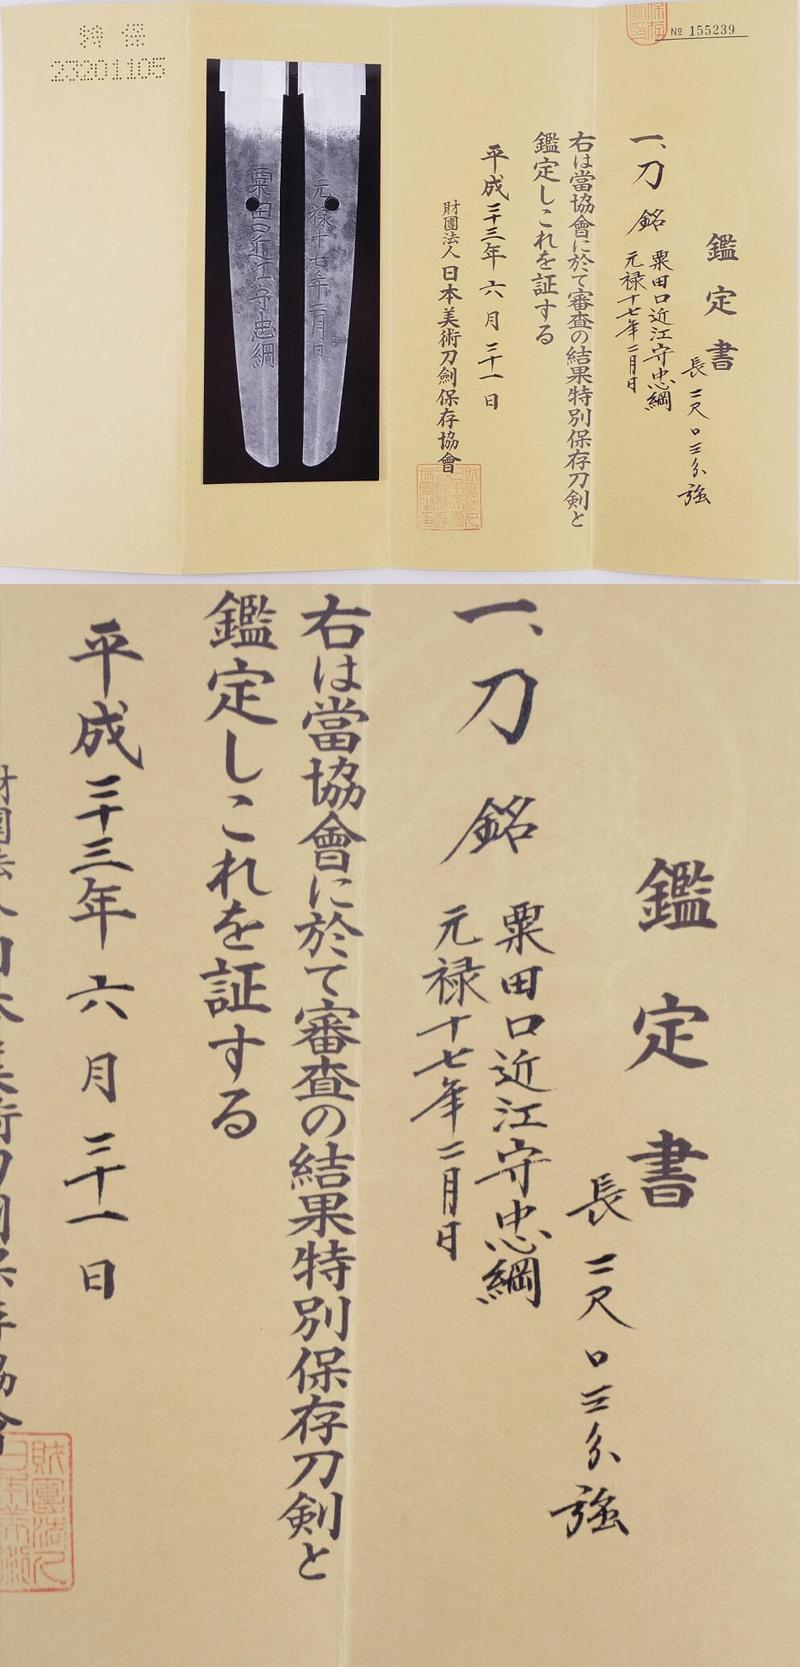 刀 粟田口近江守忠網 (一竿子忠綱) (新刀 最上作) (業物)  元禄十七年二月日鑑定書画像